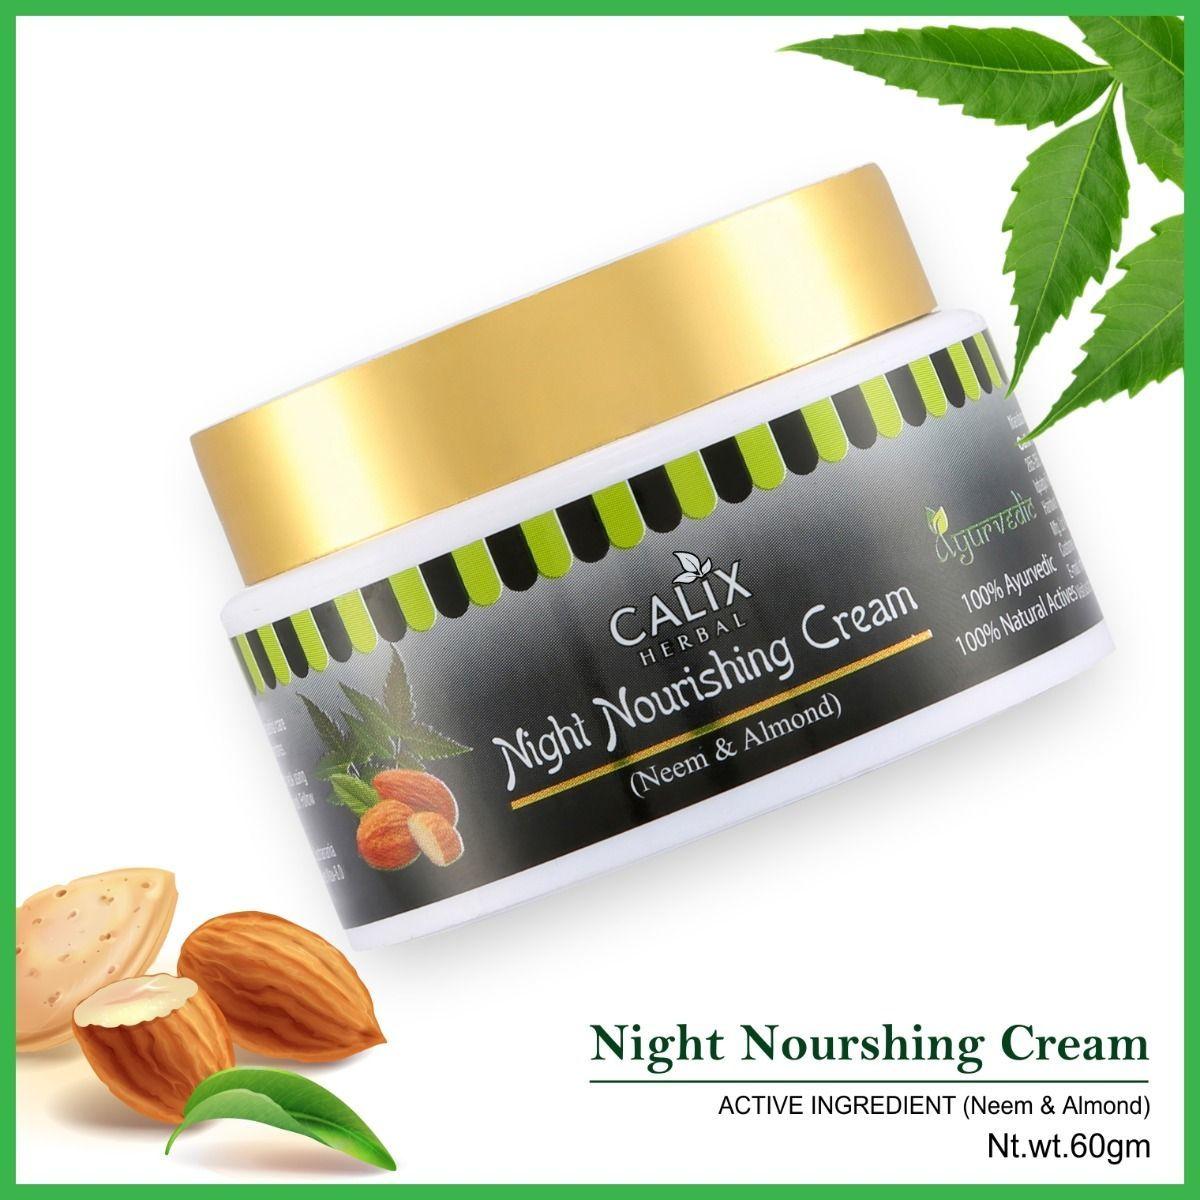 Night Nourishing Cream